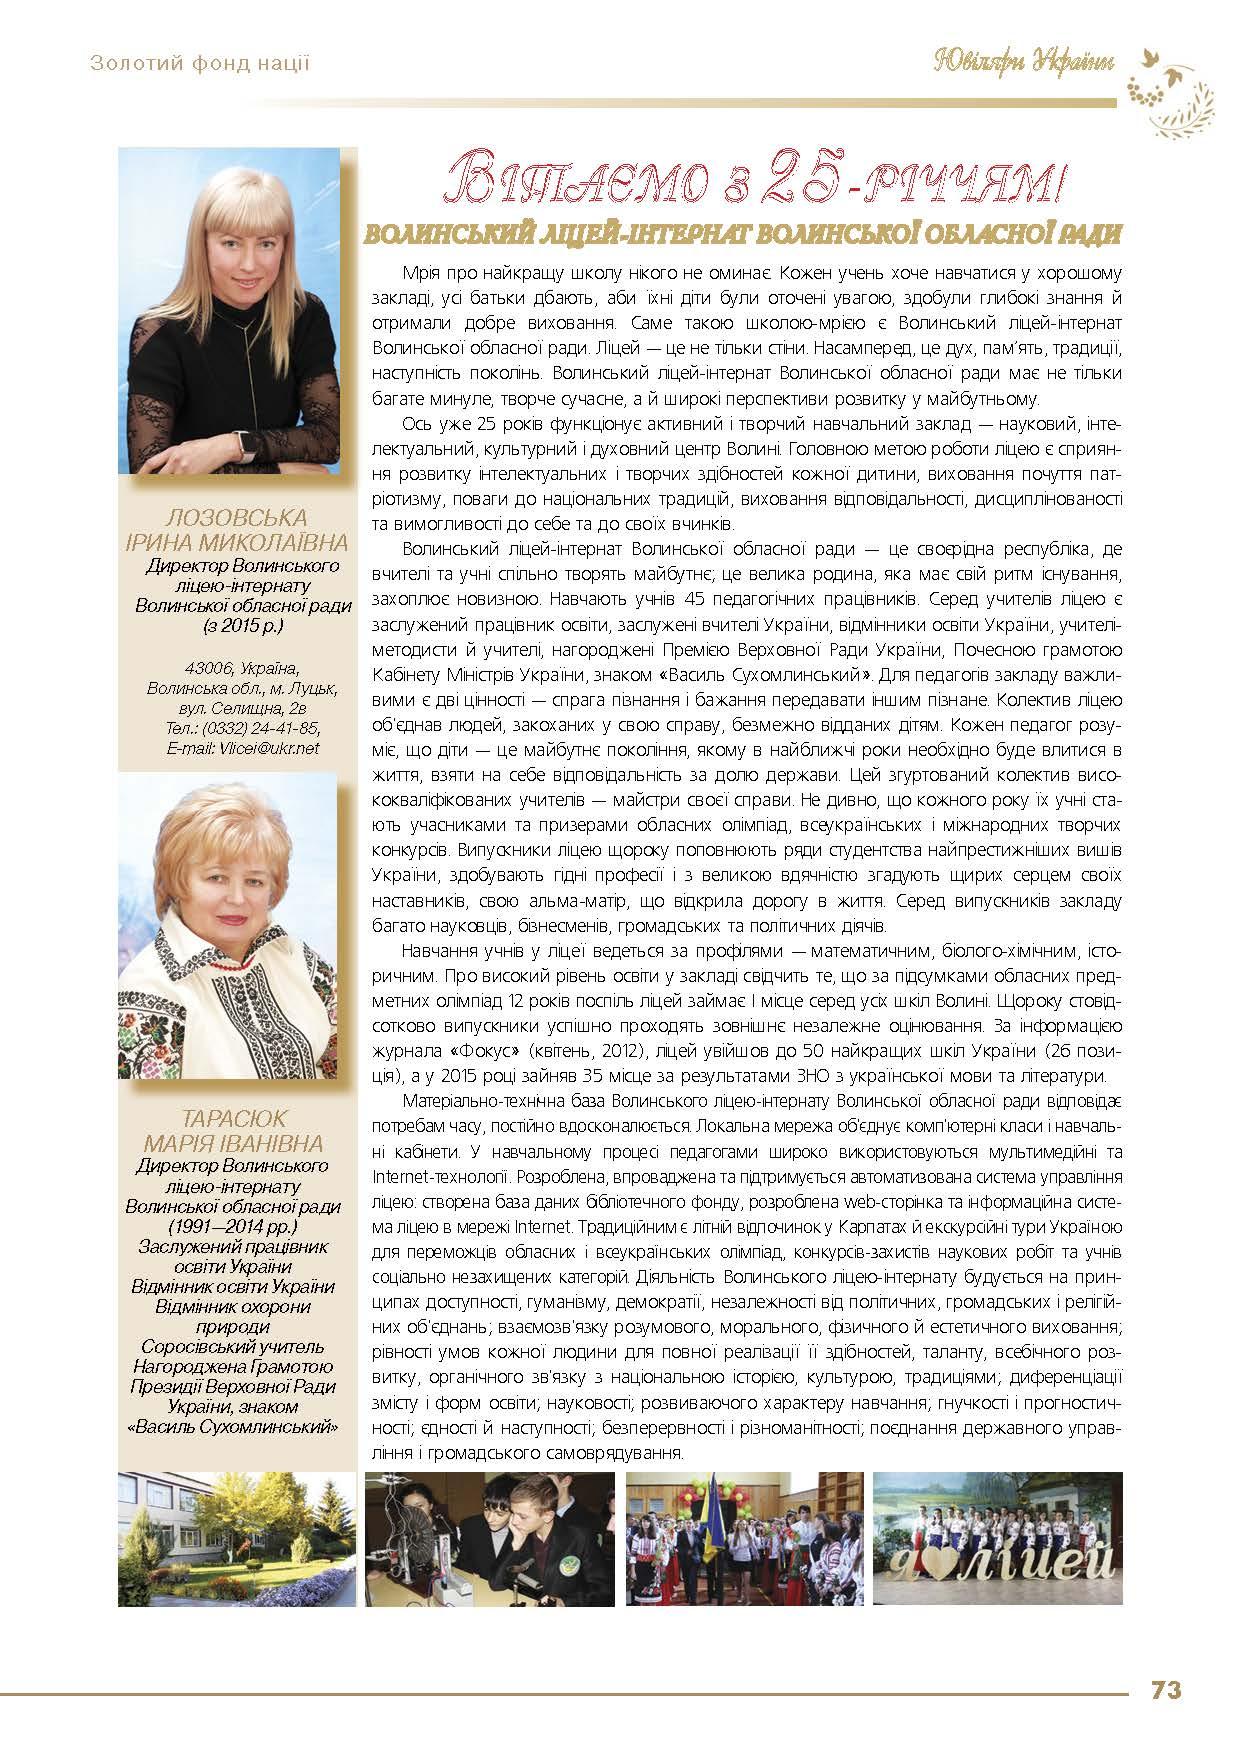 Волинський ліцей-інтернат Волинської обласної ради - Лозовська Ірина Миколаївна